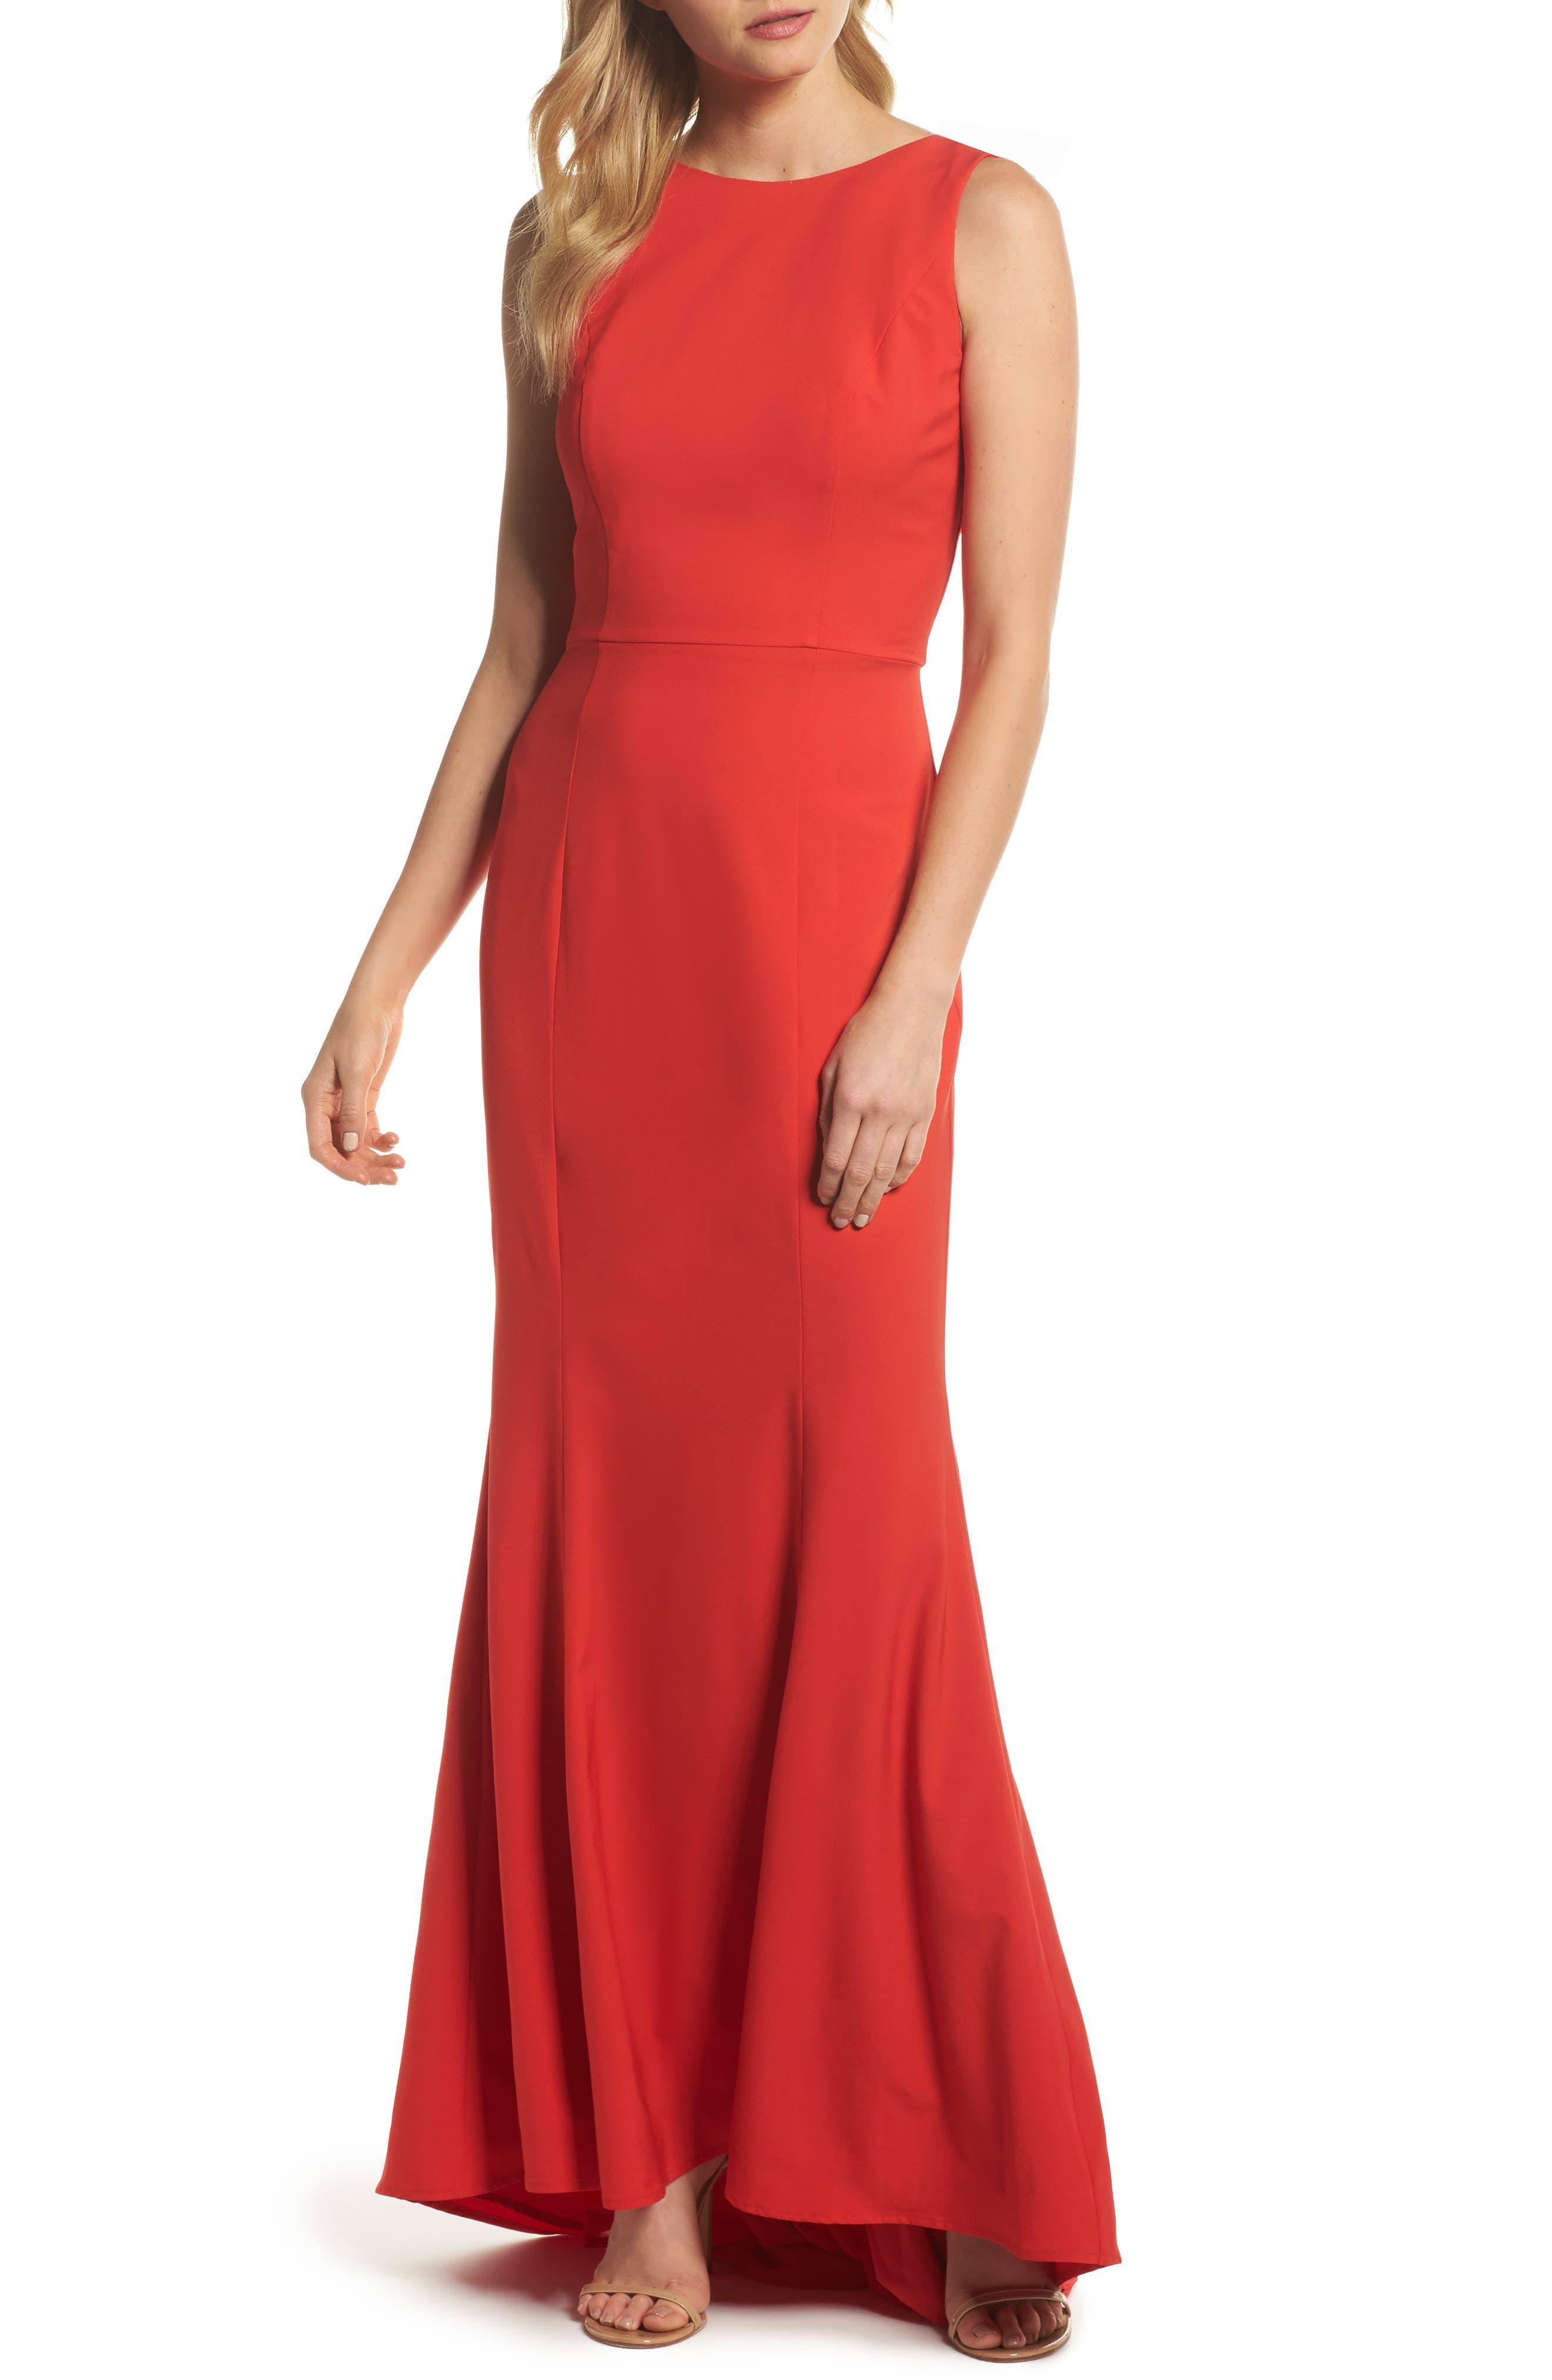 Jarlo Jemima Ruffle Back Mermaid Gown